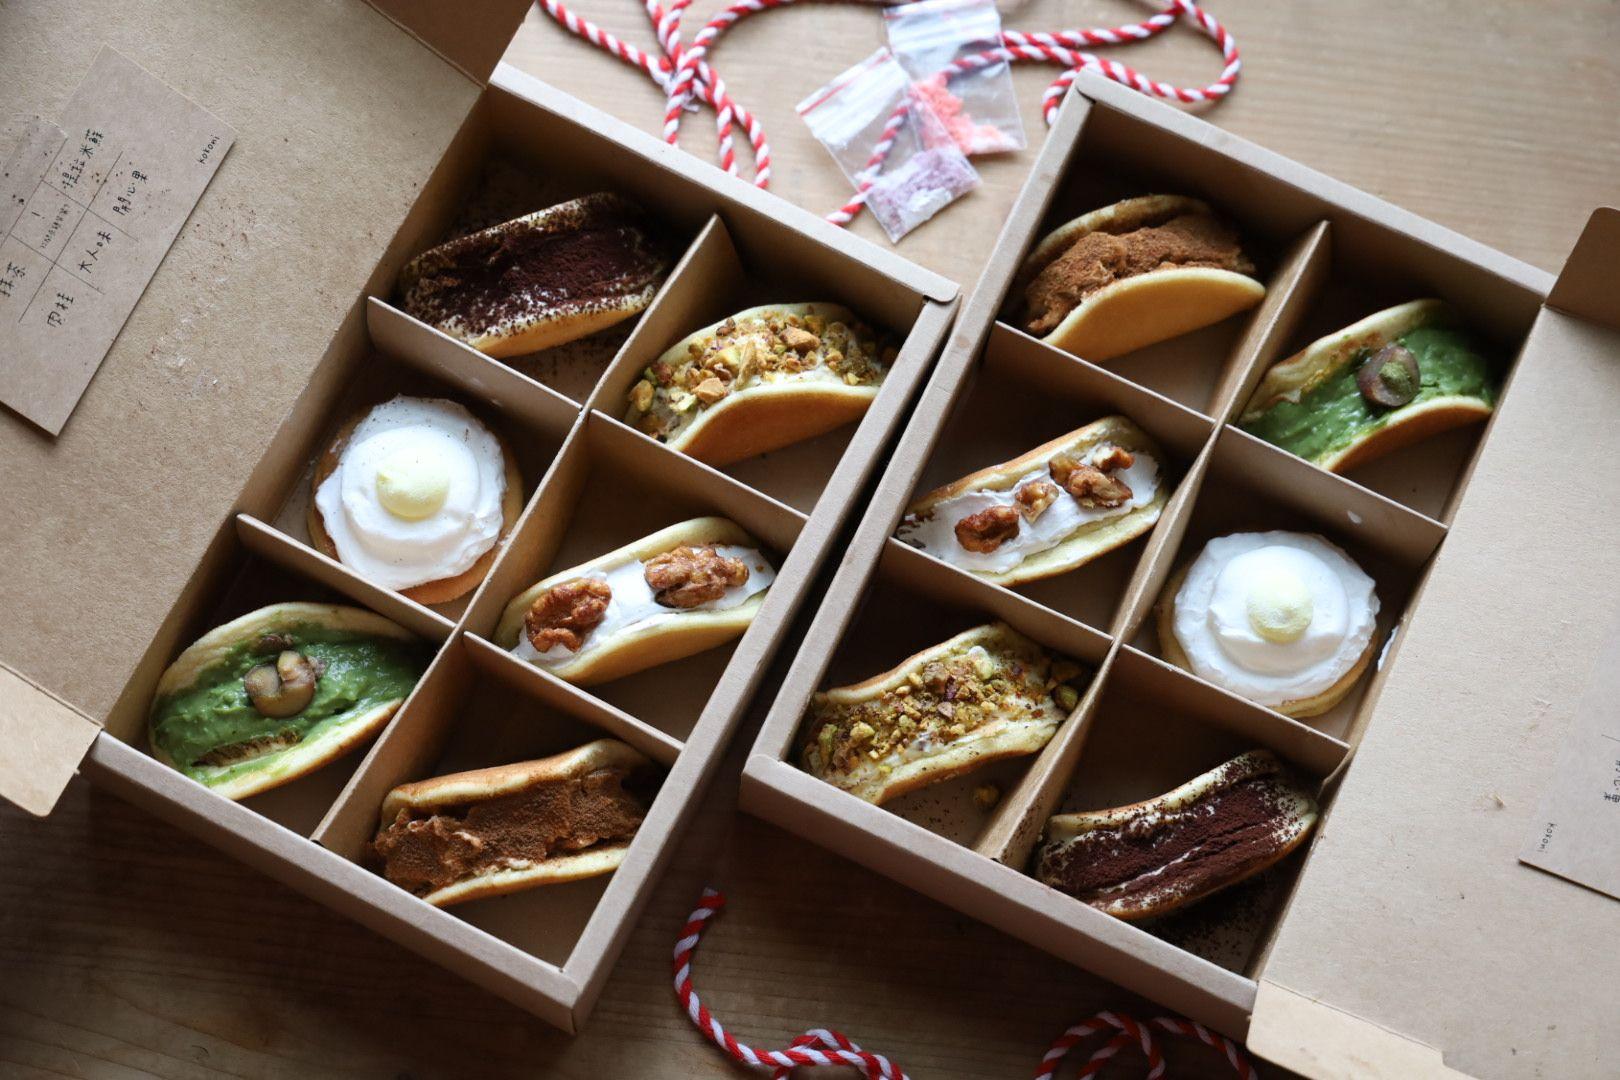 最新推播訊息:kokoni cafe半月燒限量禮盒。每日只有20盒,今天開賣